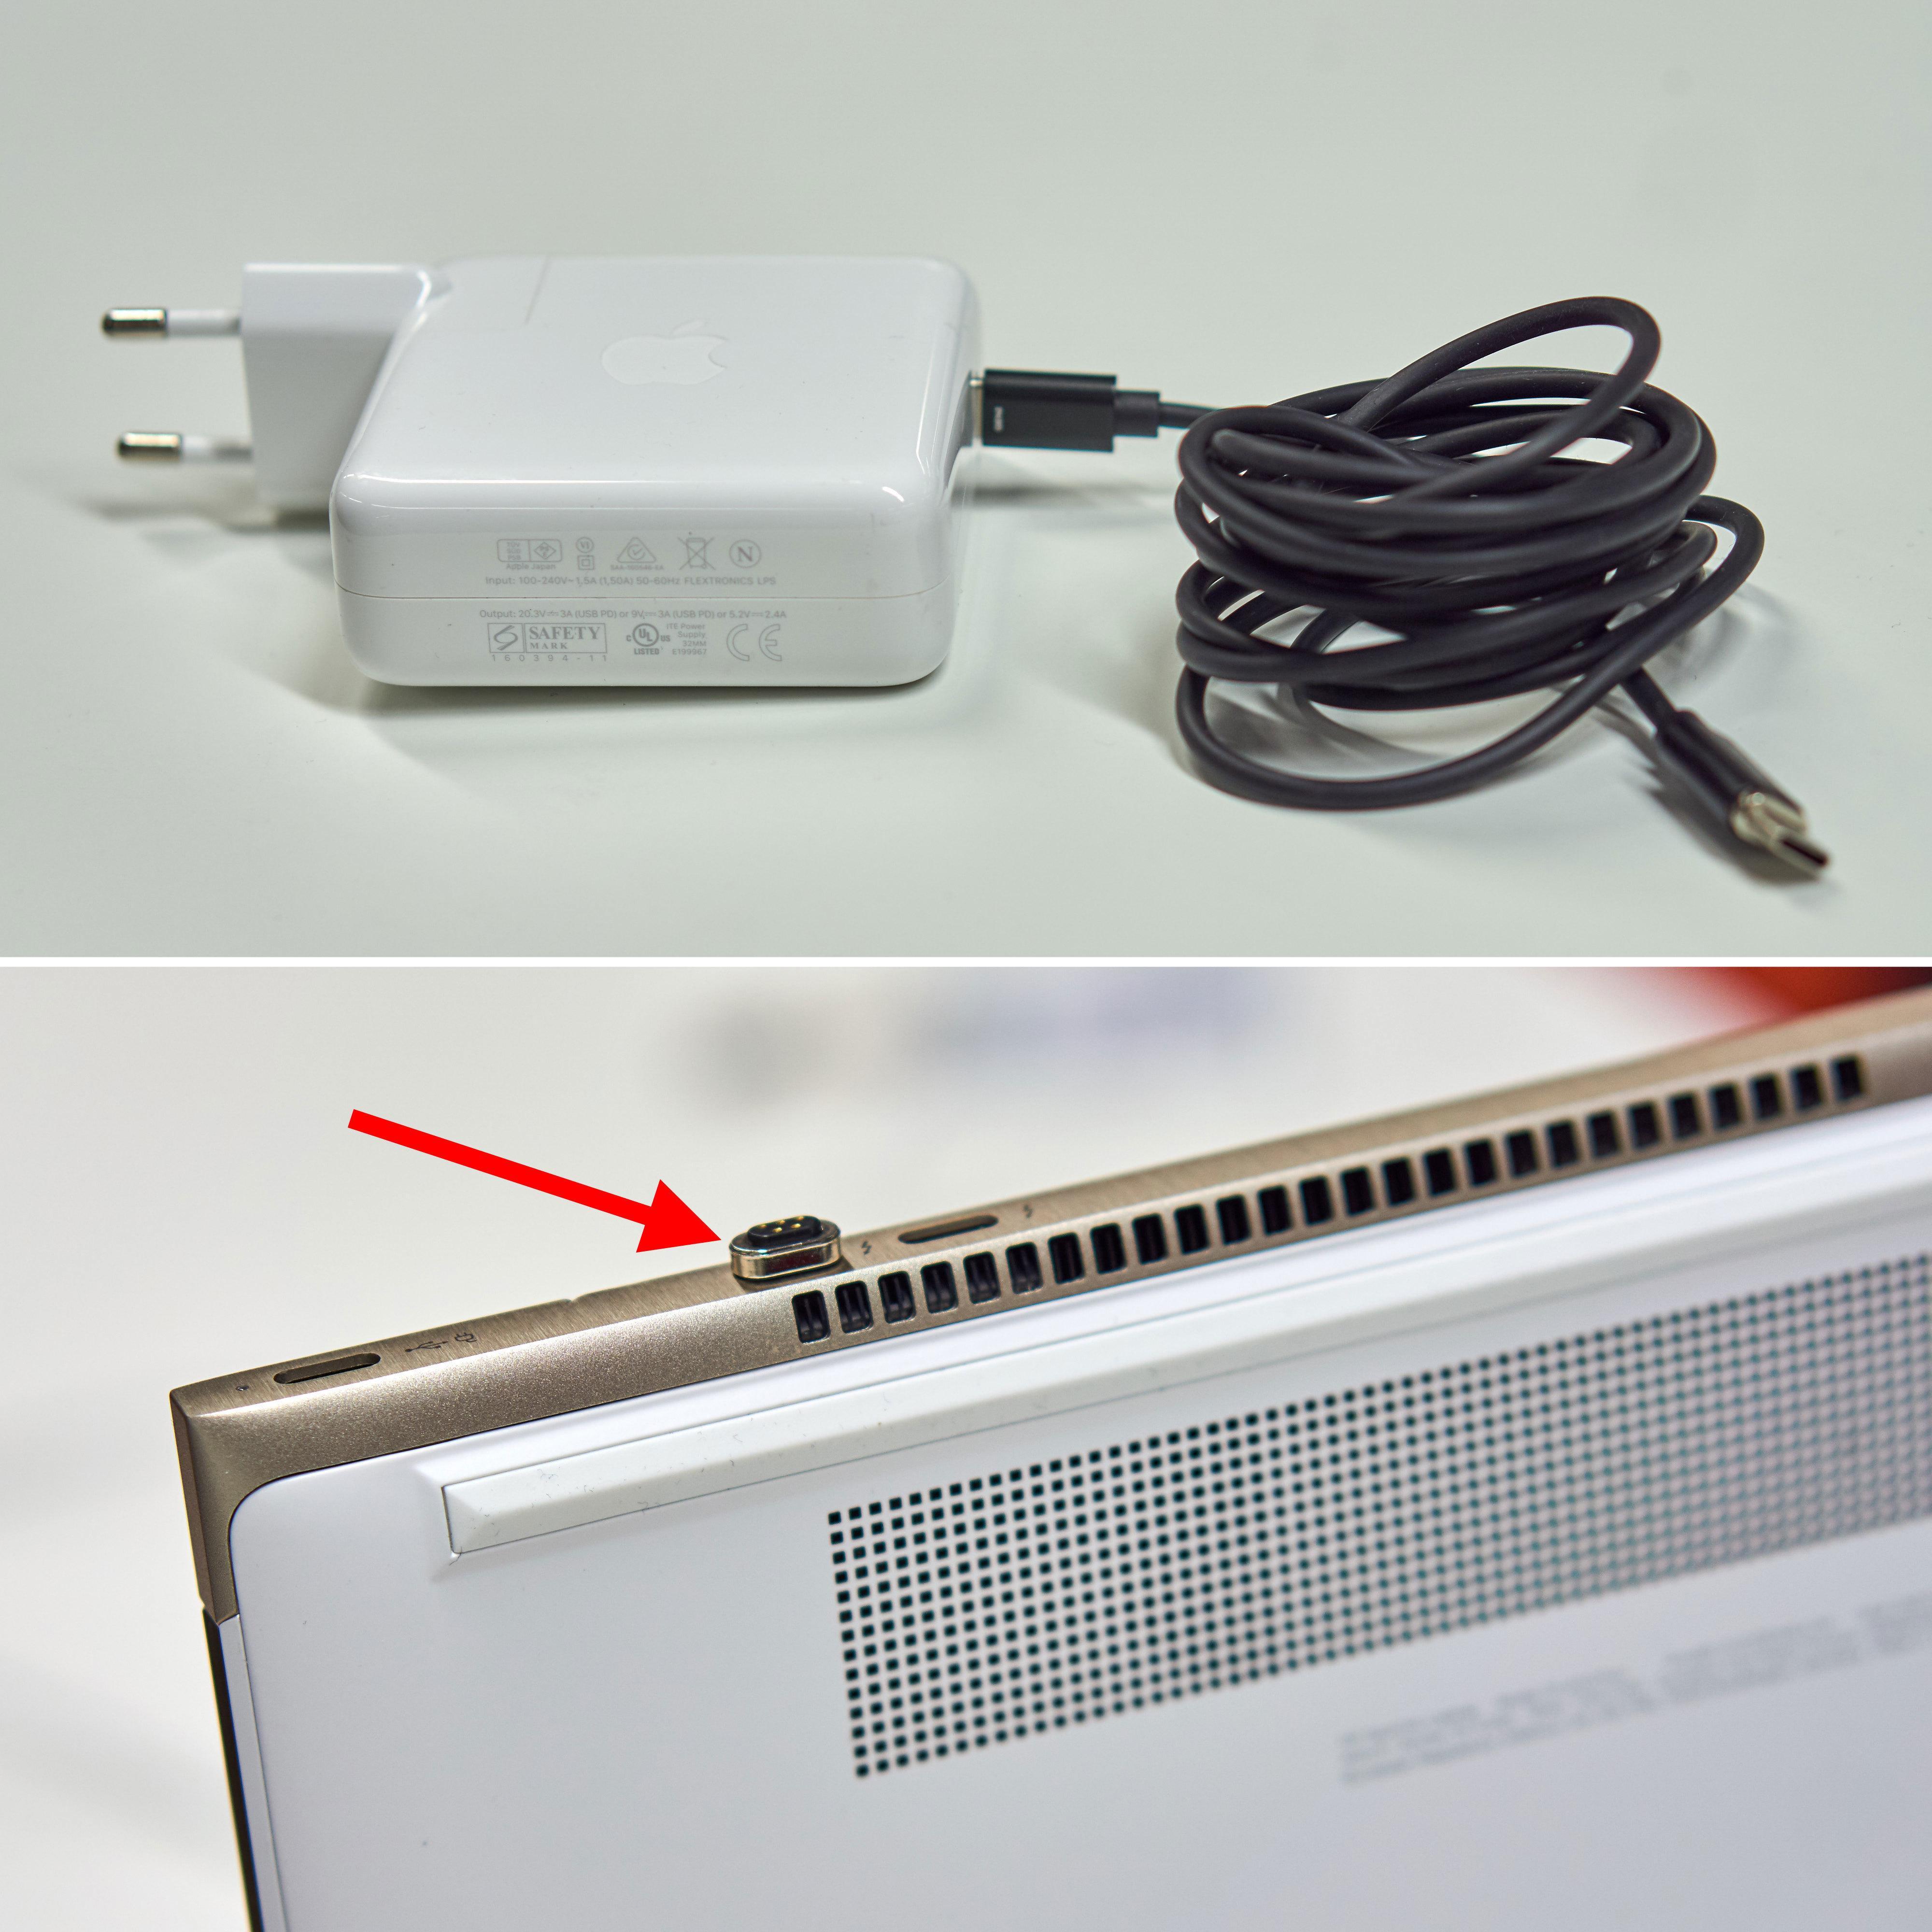 Du må ha en Apple-lader eller kjøpe Bolt-adapteren for å benytte løsningen. UNDER: tuppen bygger noe ut fra Spectre 13 sitt chassis.